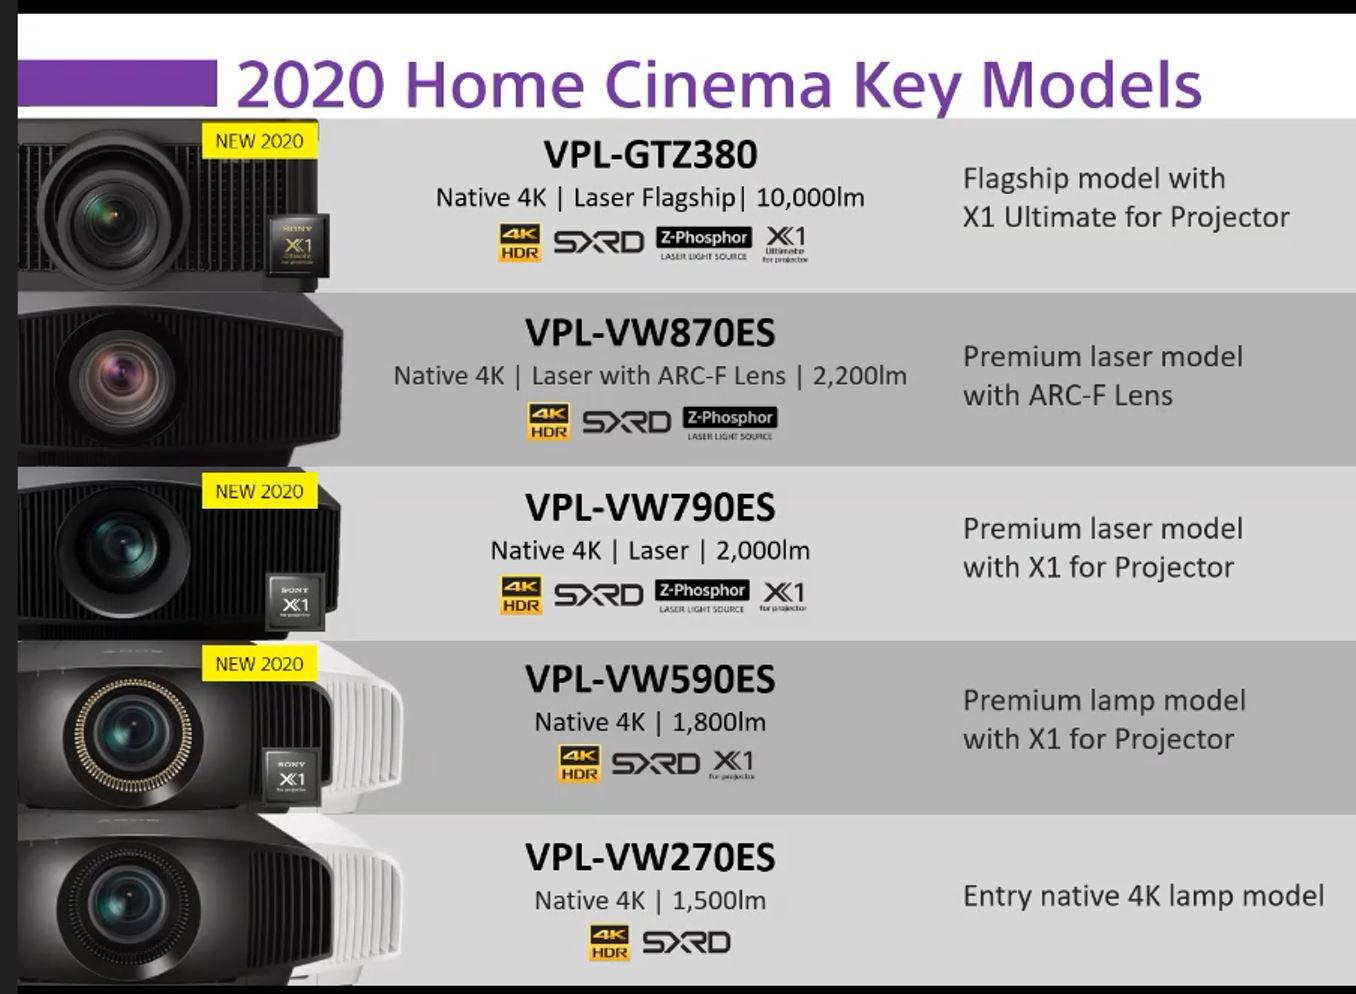 Premiera projektory Sony 2021